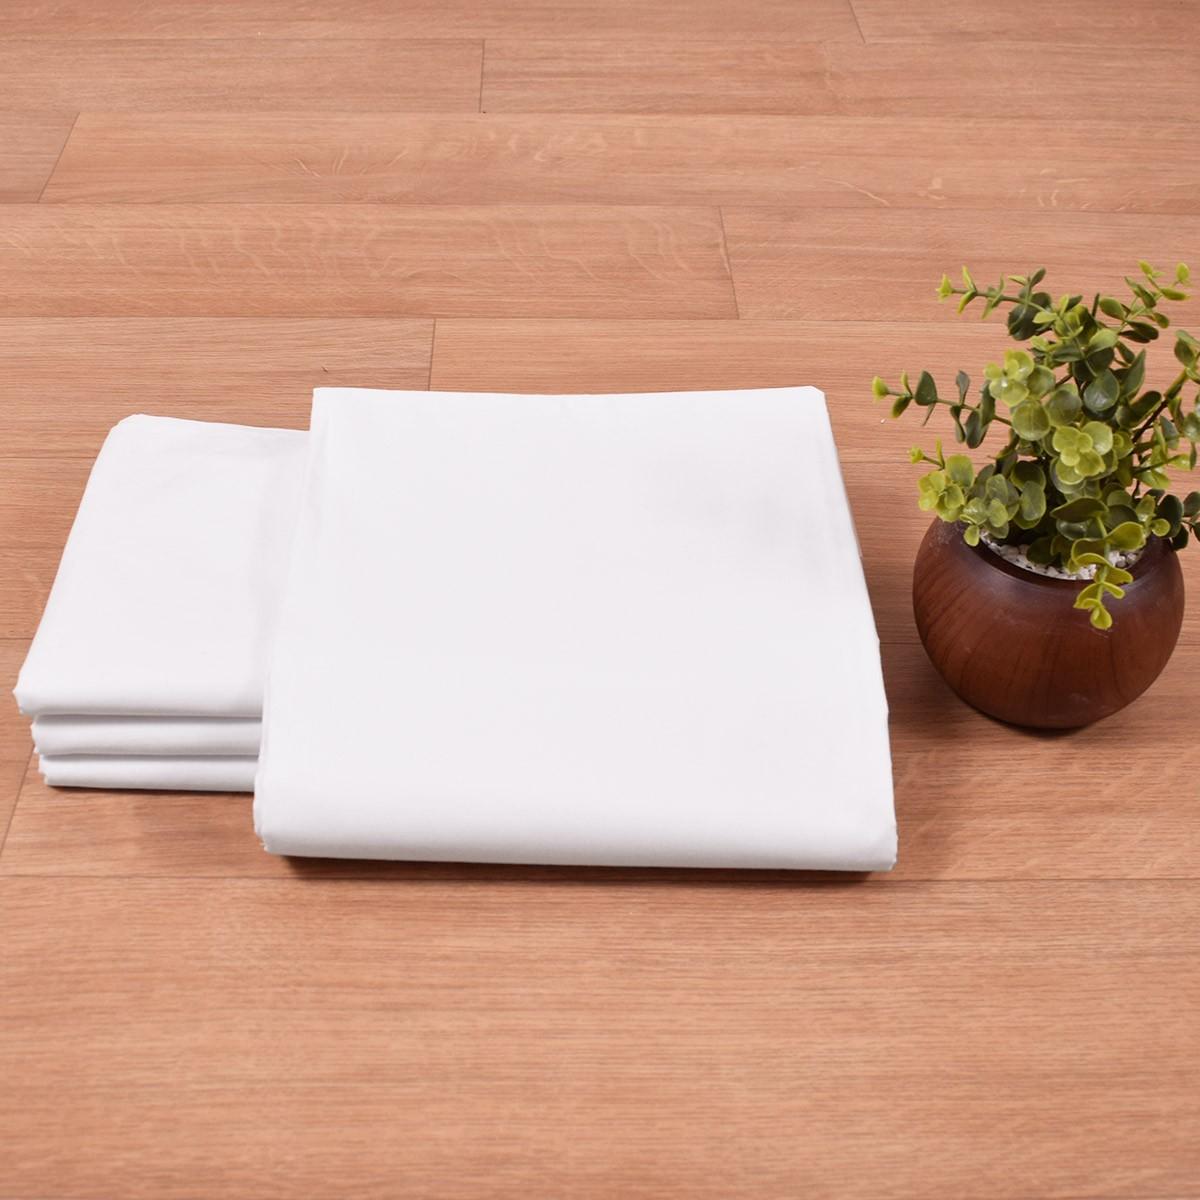 Σεντόνι (170x270) 60%Βαμβάκι 40%Polyester T220 home   επαγγελματικός εξοπλισμός   ξενοδοχειακός εξοπλισμός   σεντόνια ξενοδοχεί